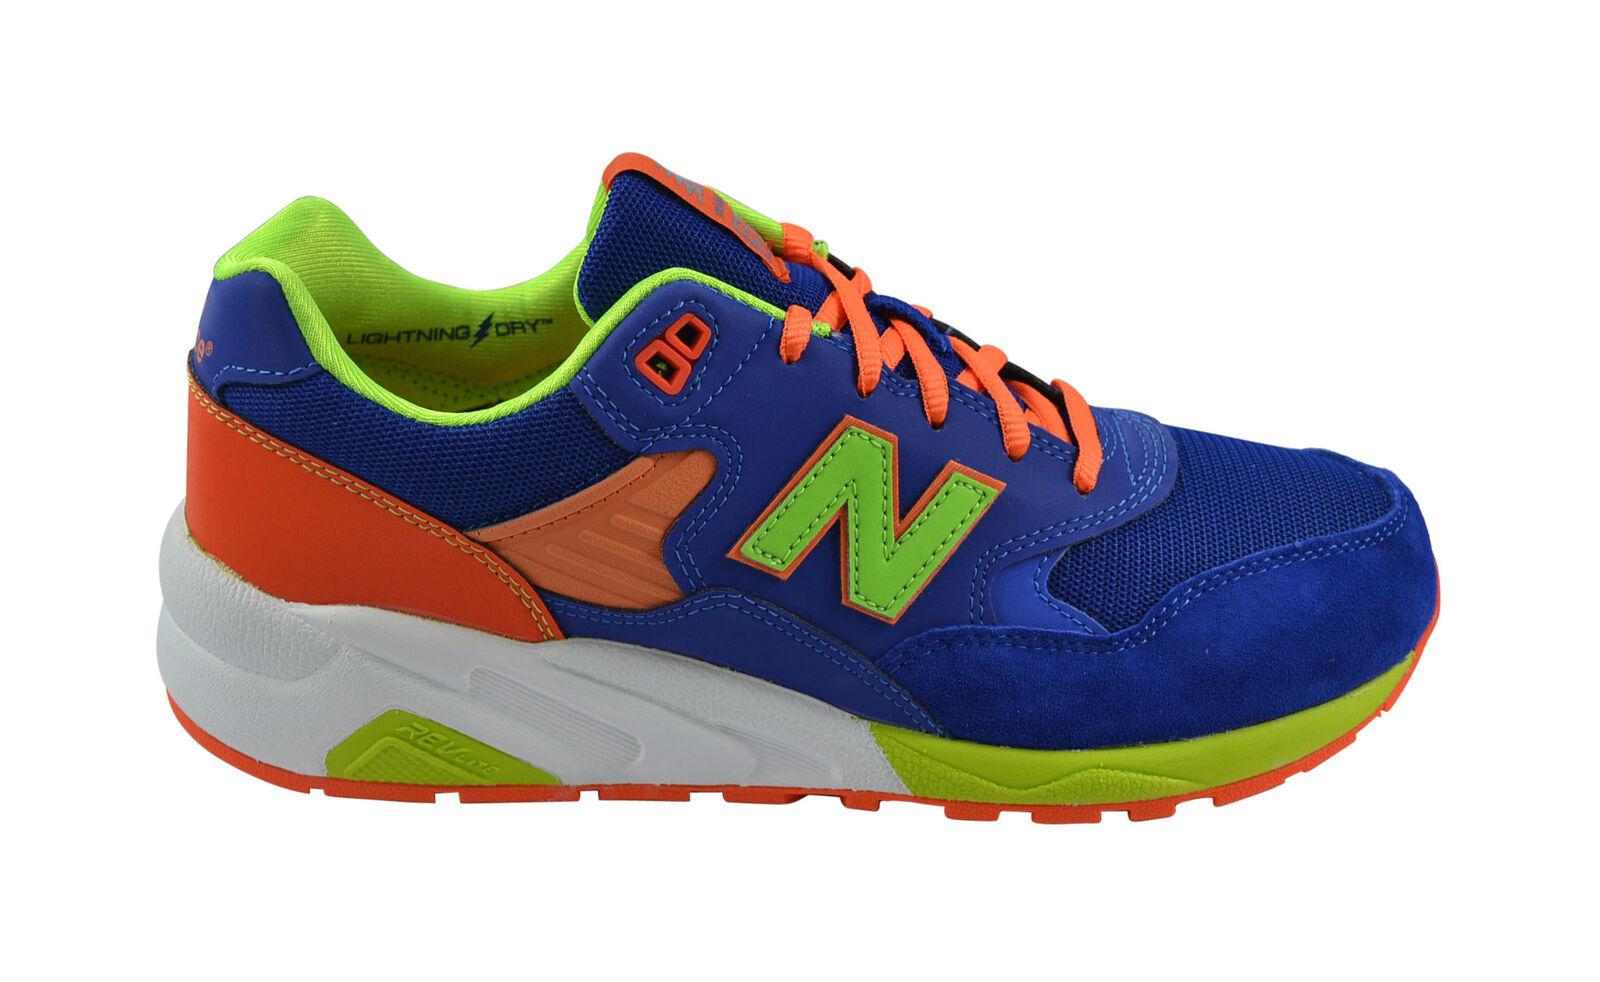 New Balance MRT580 BM mariana Blau Schuhe Turnschuhe Größenauswahl